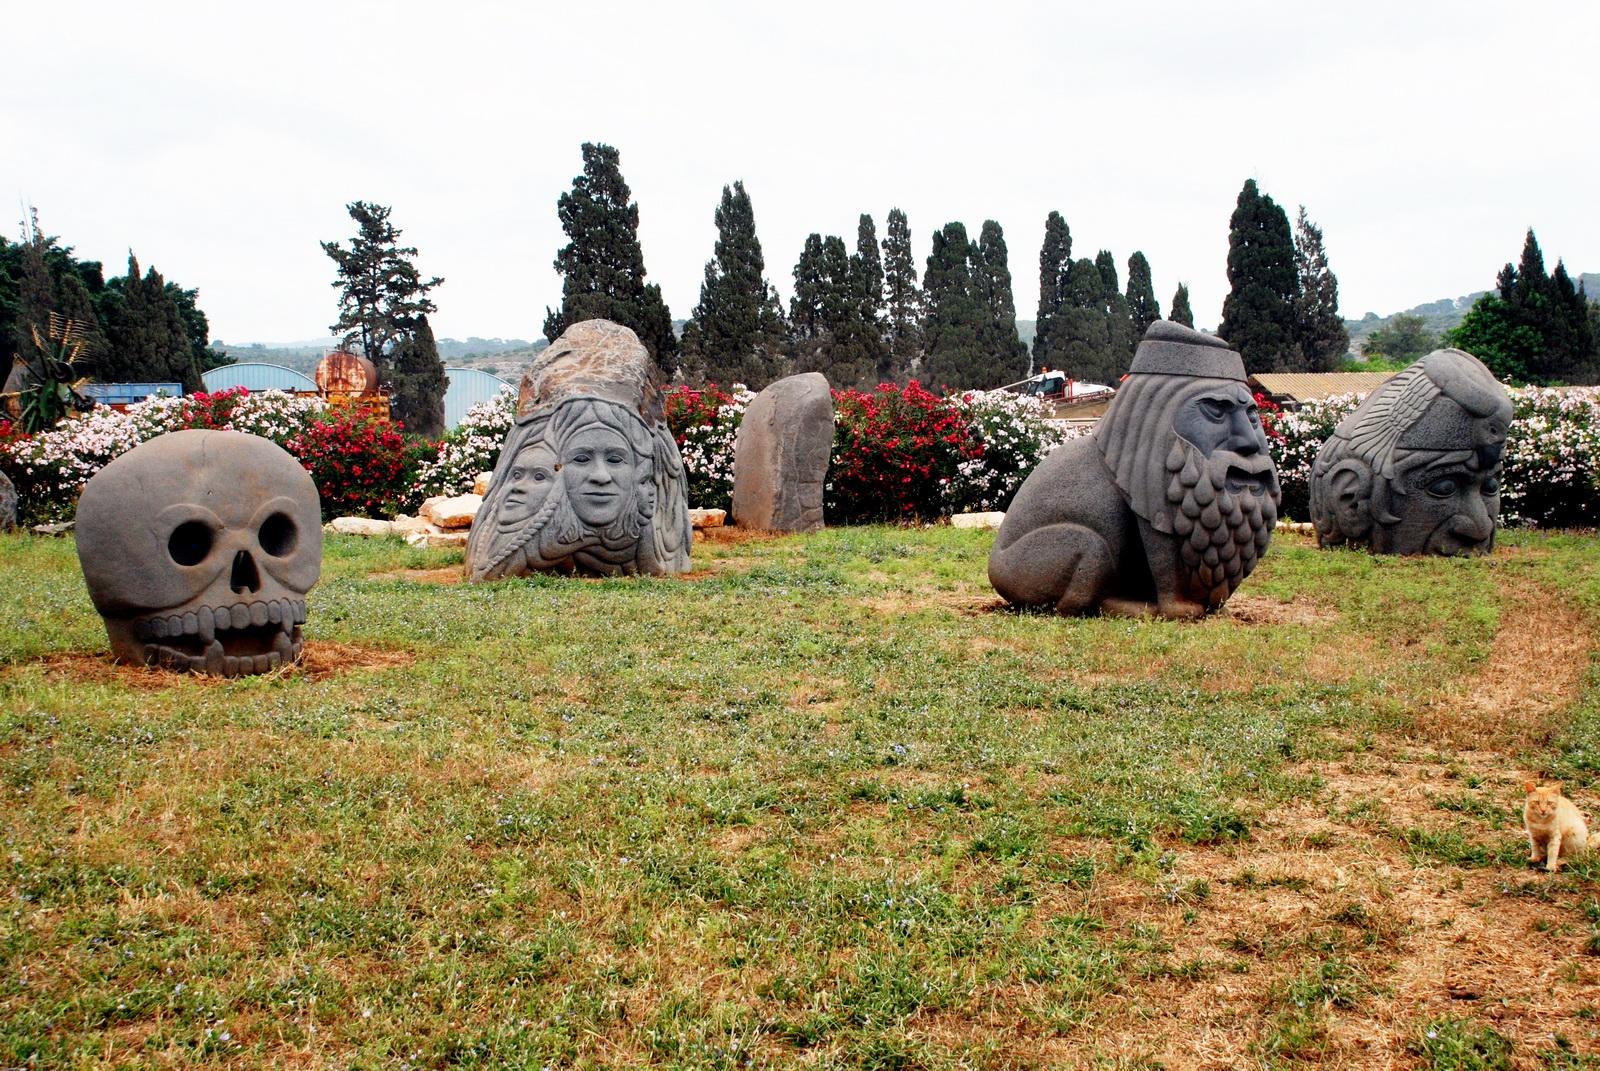 פסלי הבזלת של דגן בעין כרמל